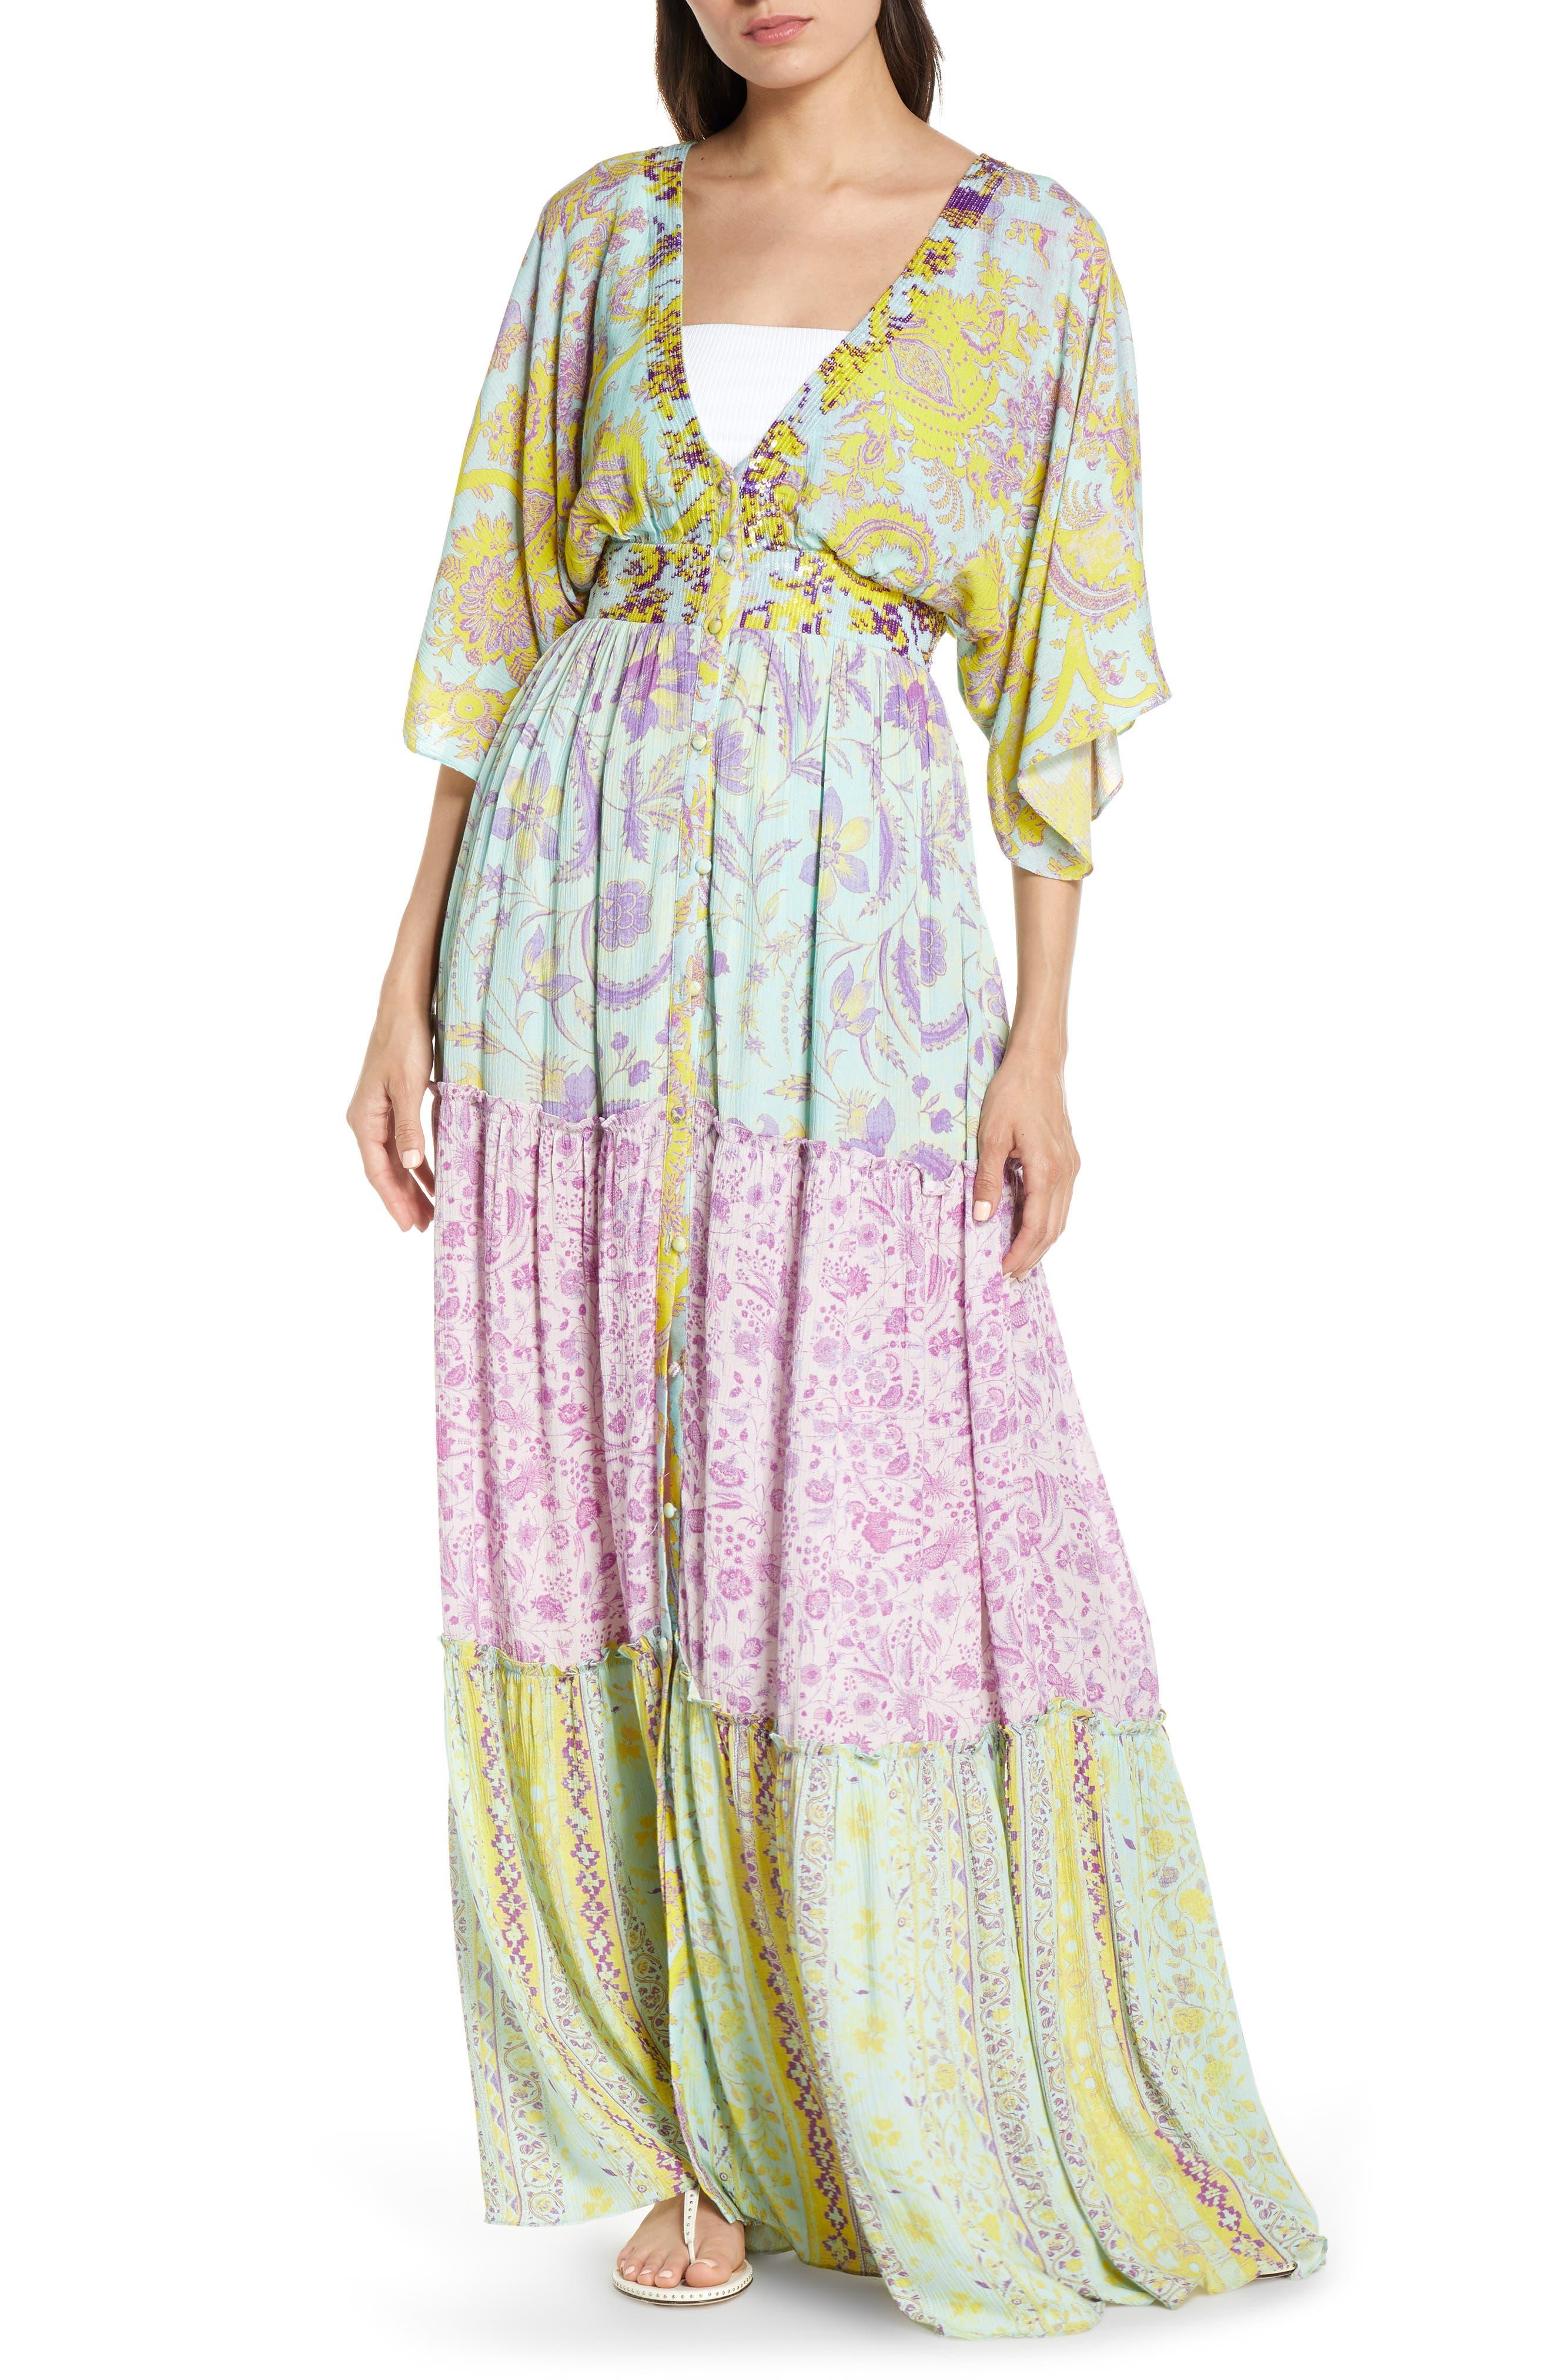 Hemant & Nandita Print Cover-Up Maxi Dress, Blue